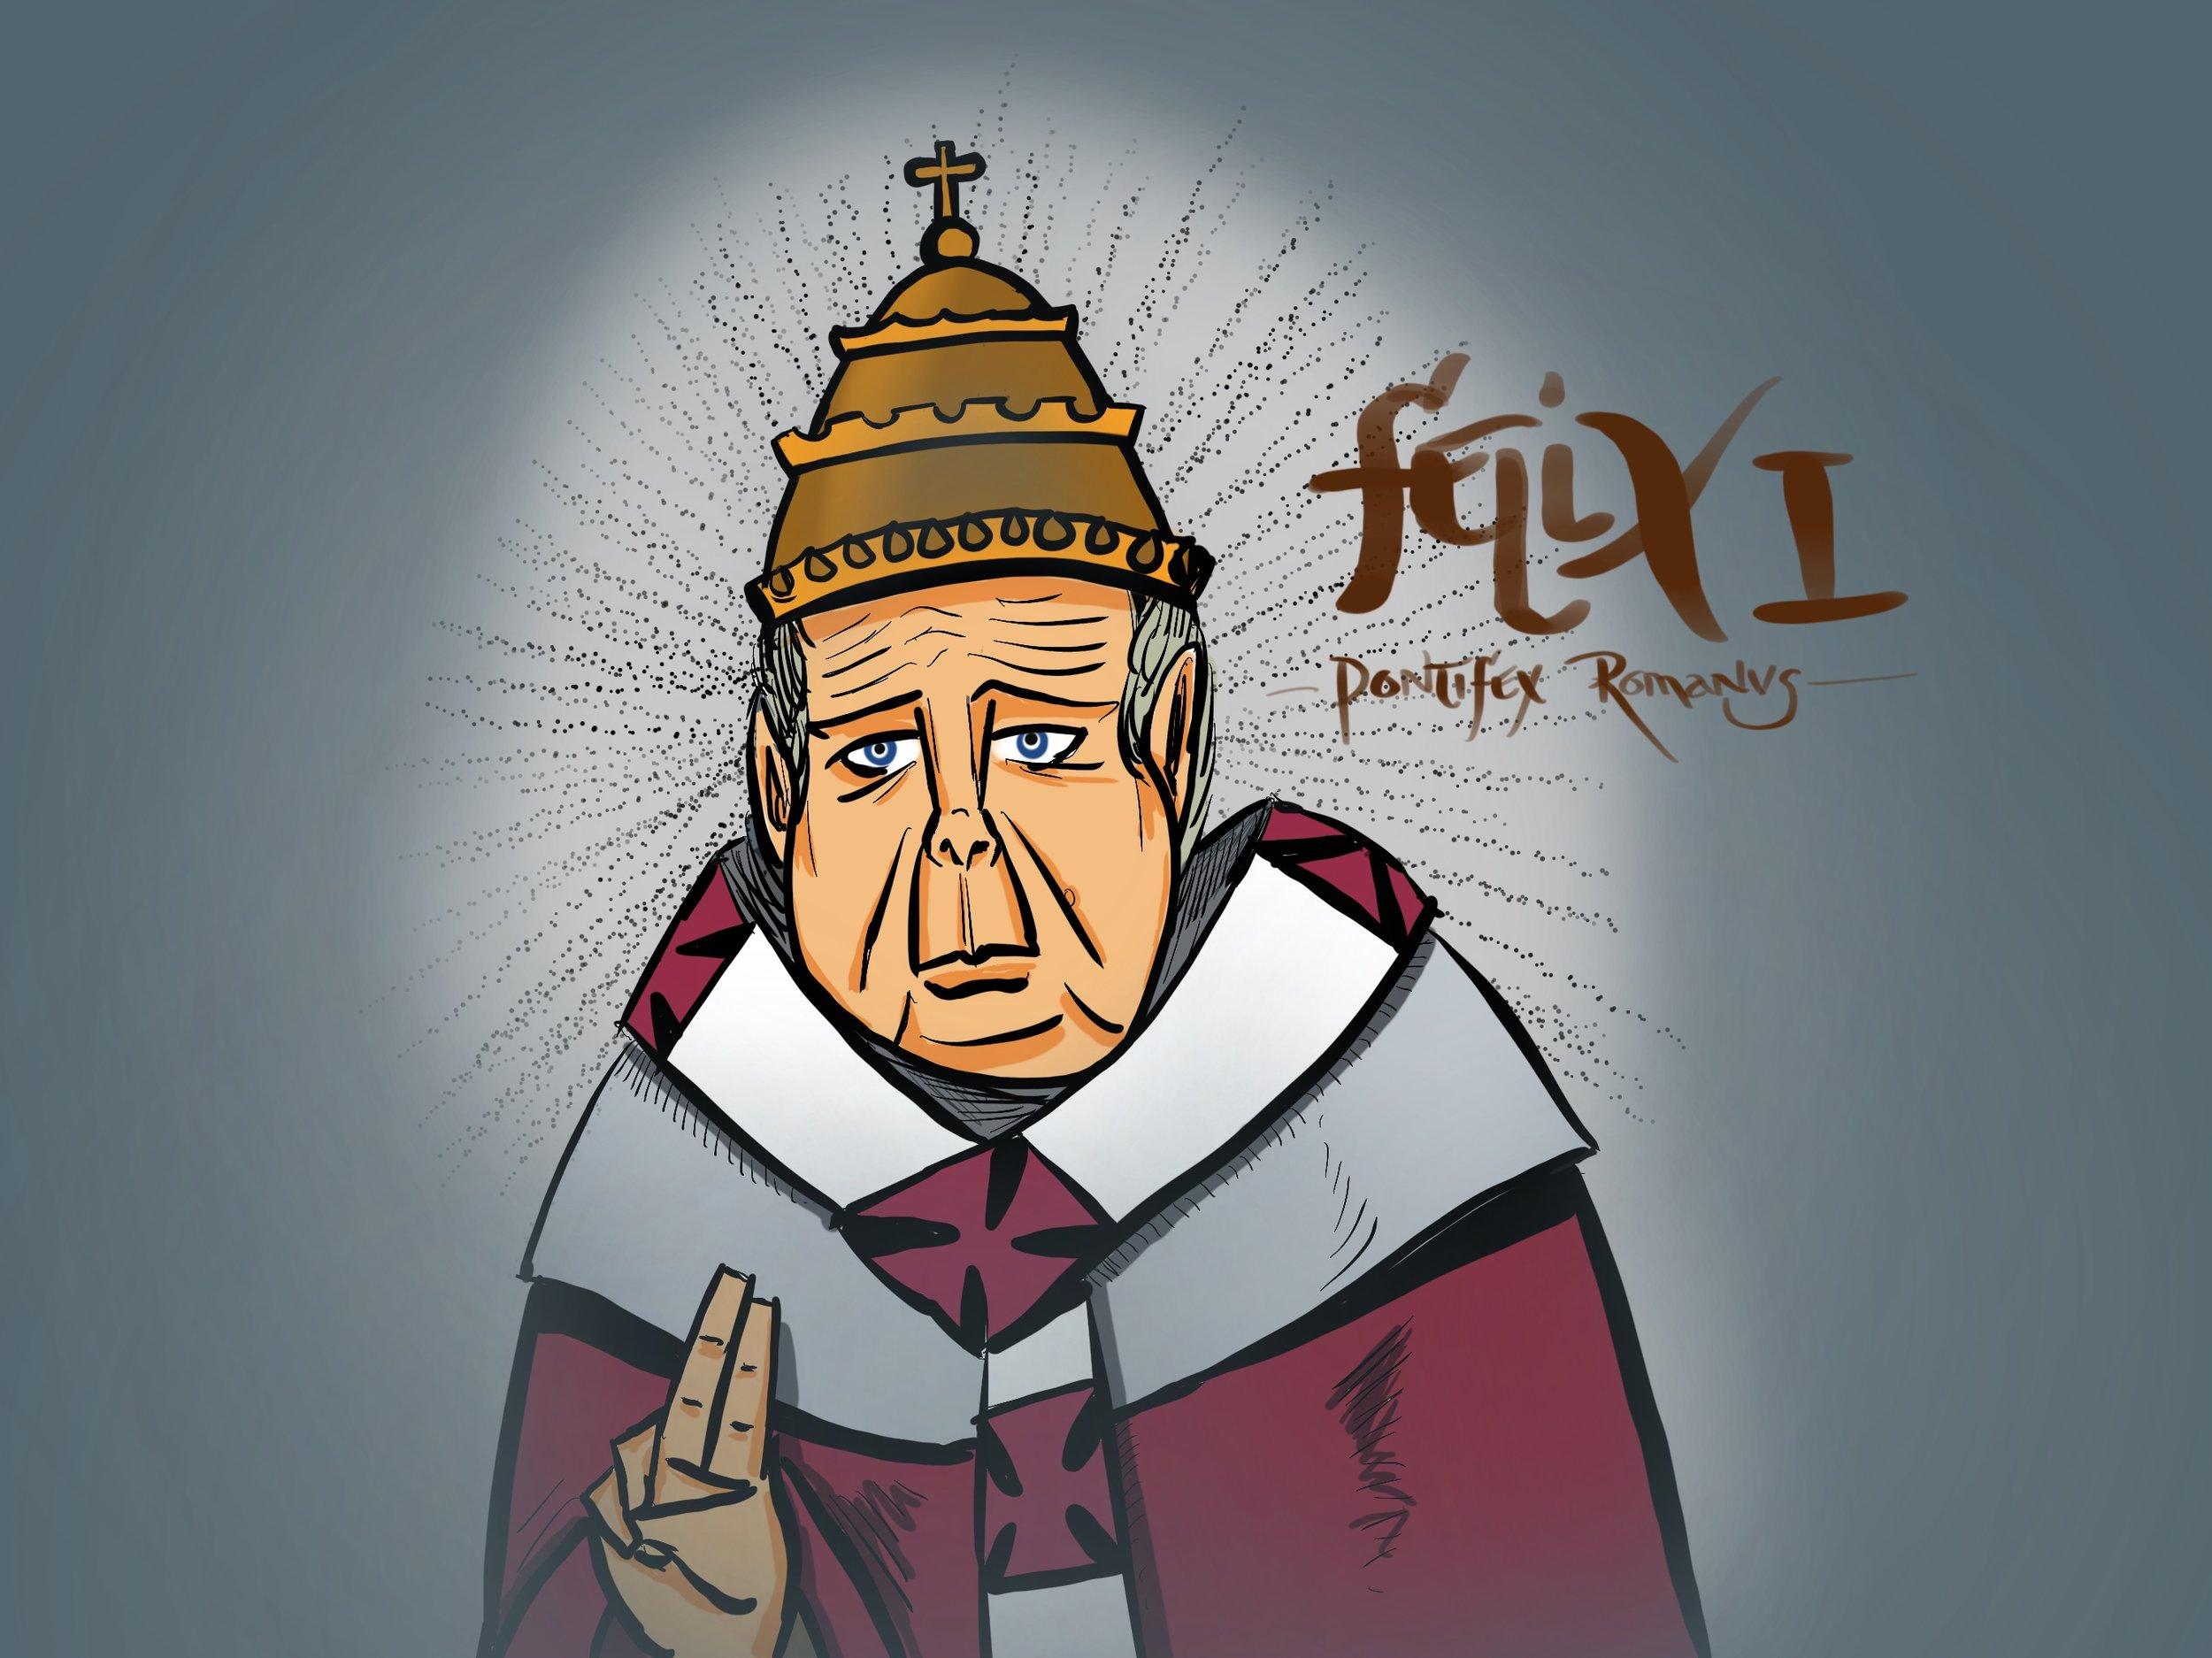 Pope St. Felix I